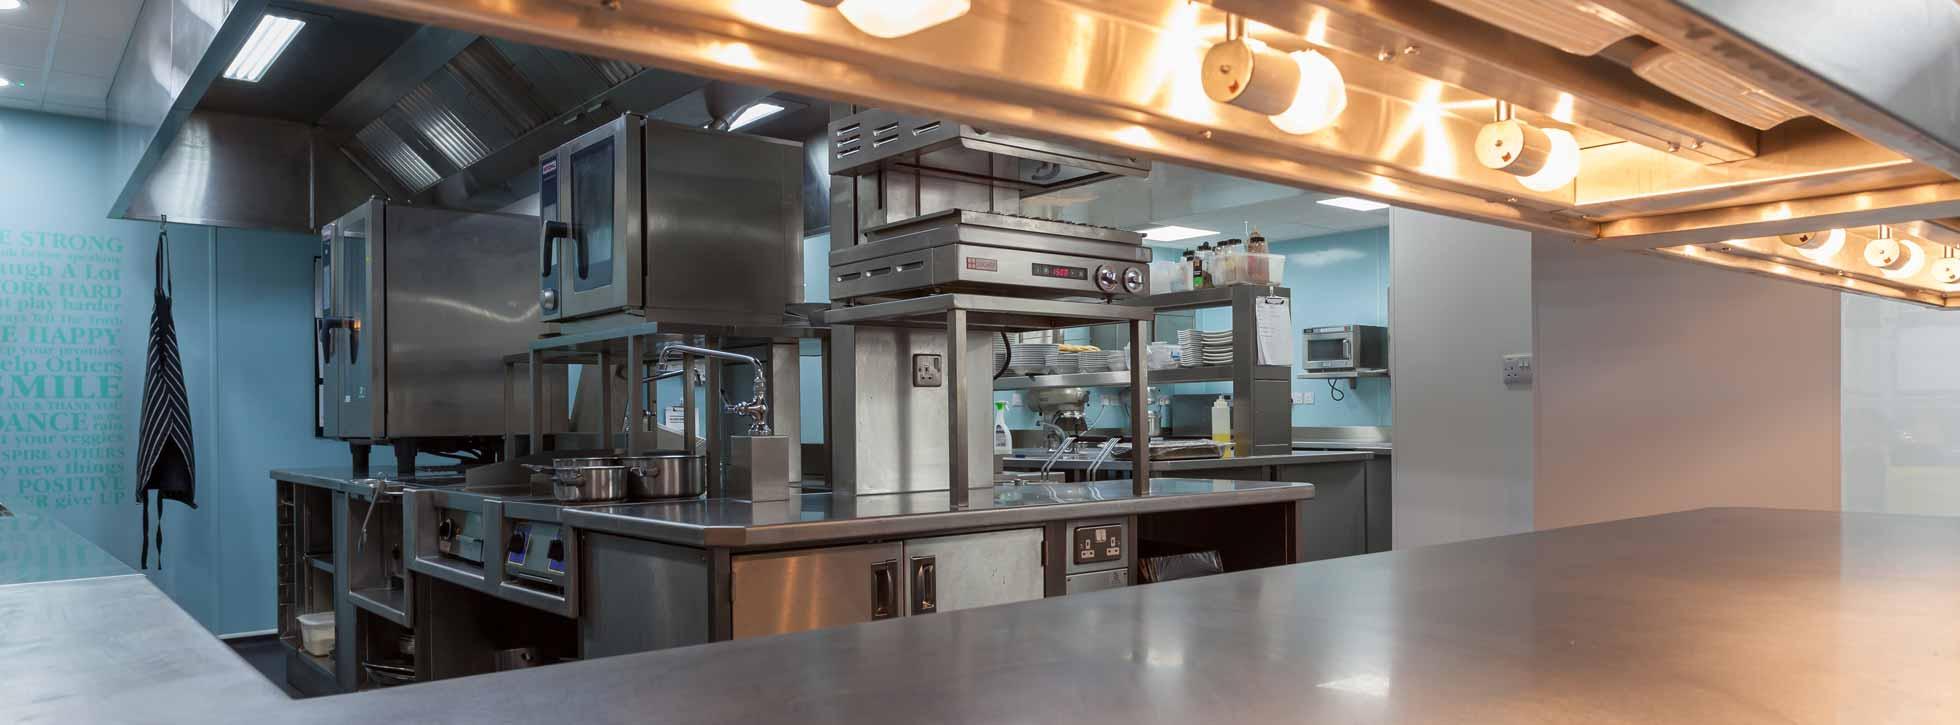 les rocquettes hotel kitchen - Les Kitchen